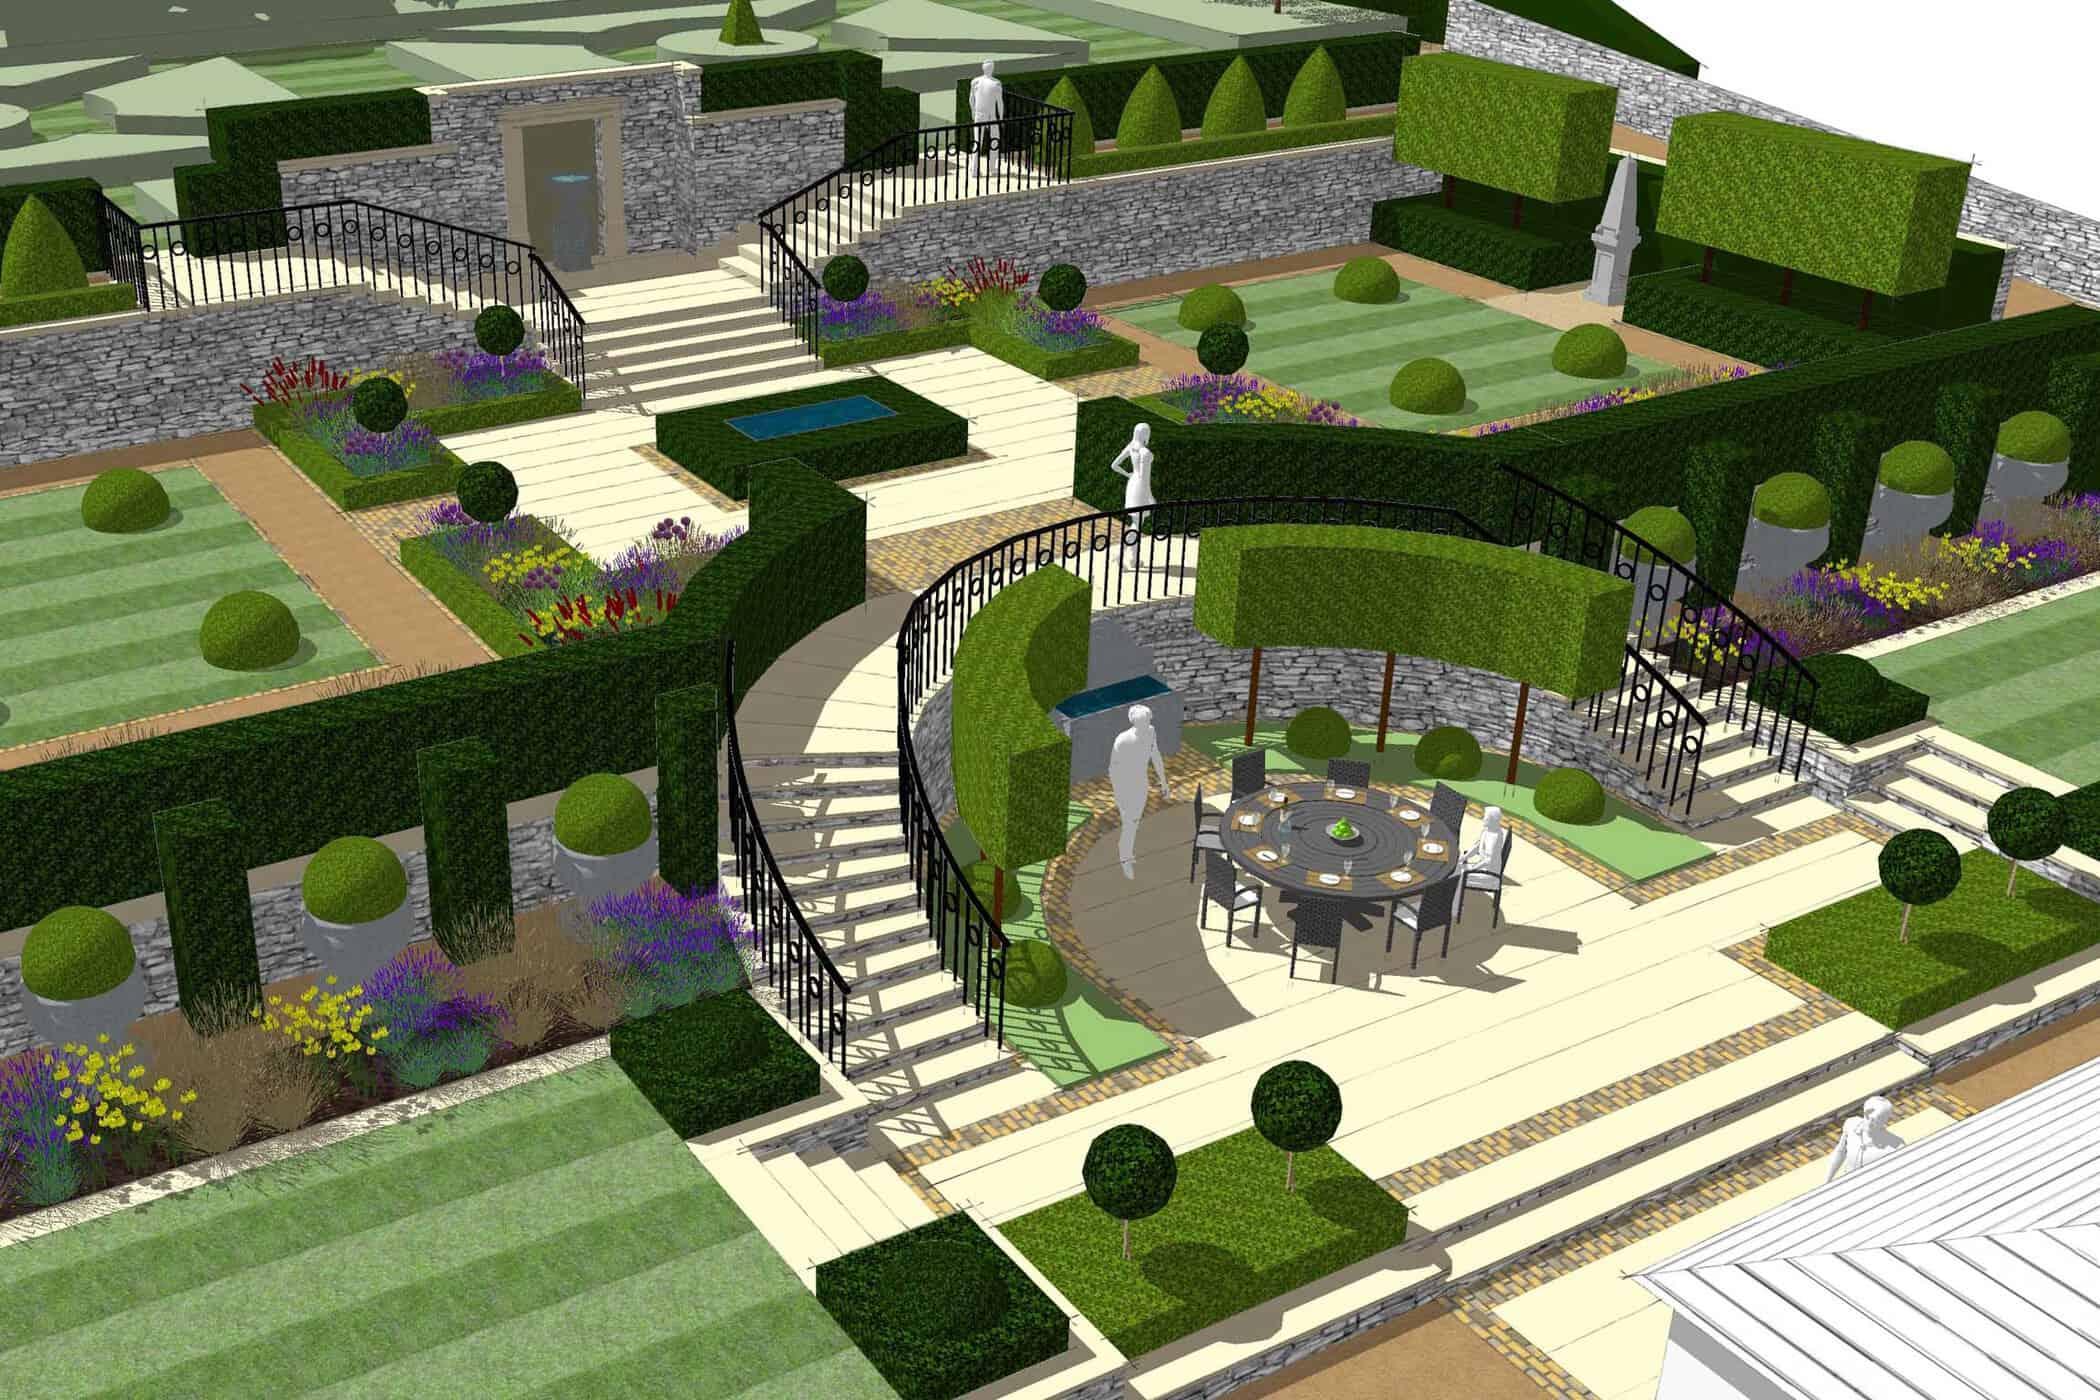 Formal Garden-bestall & co